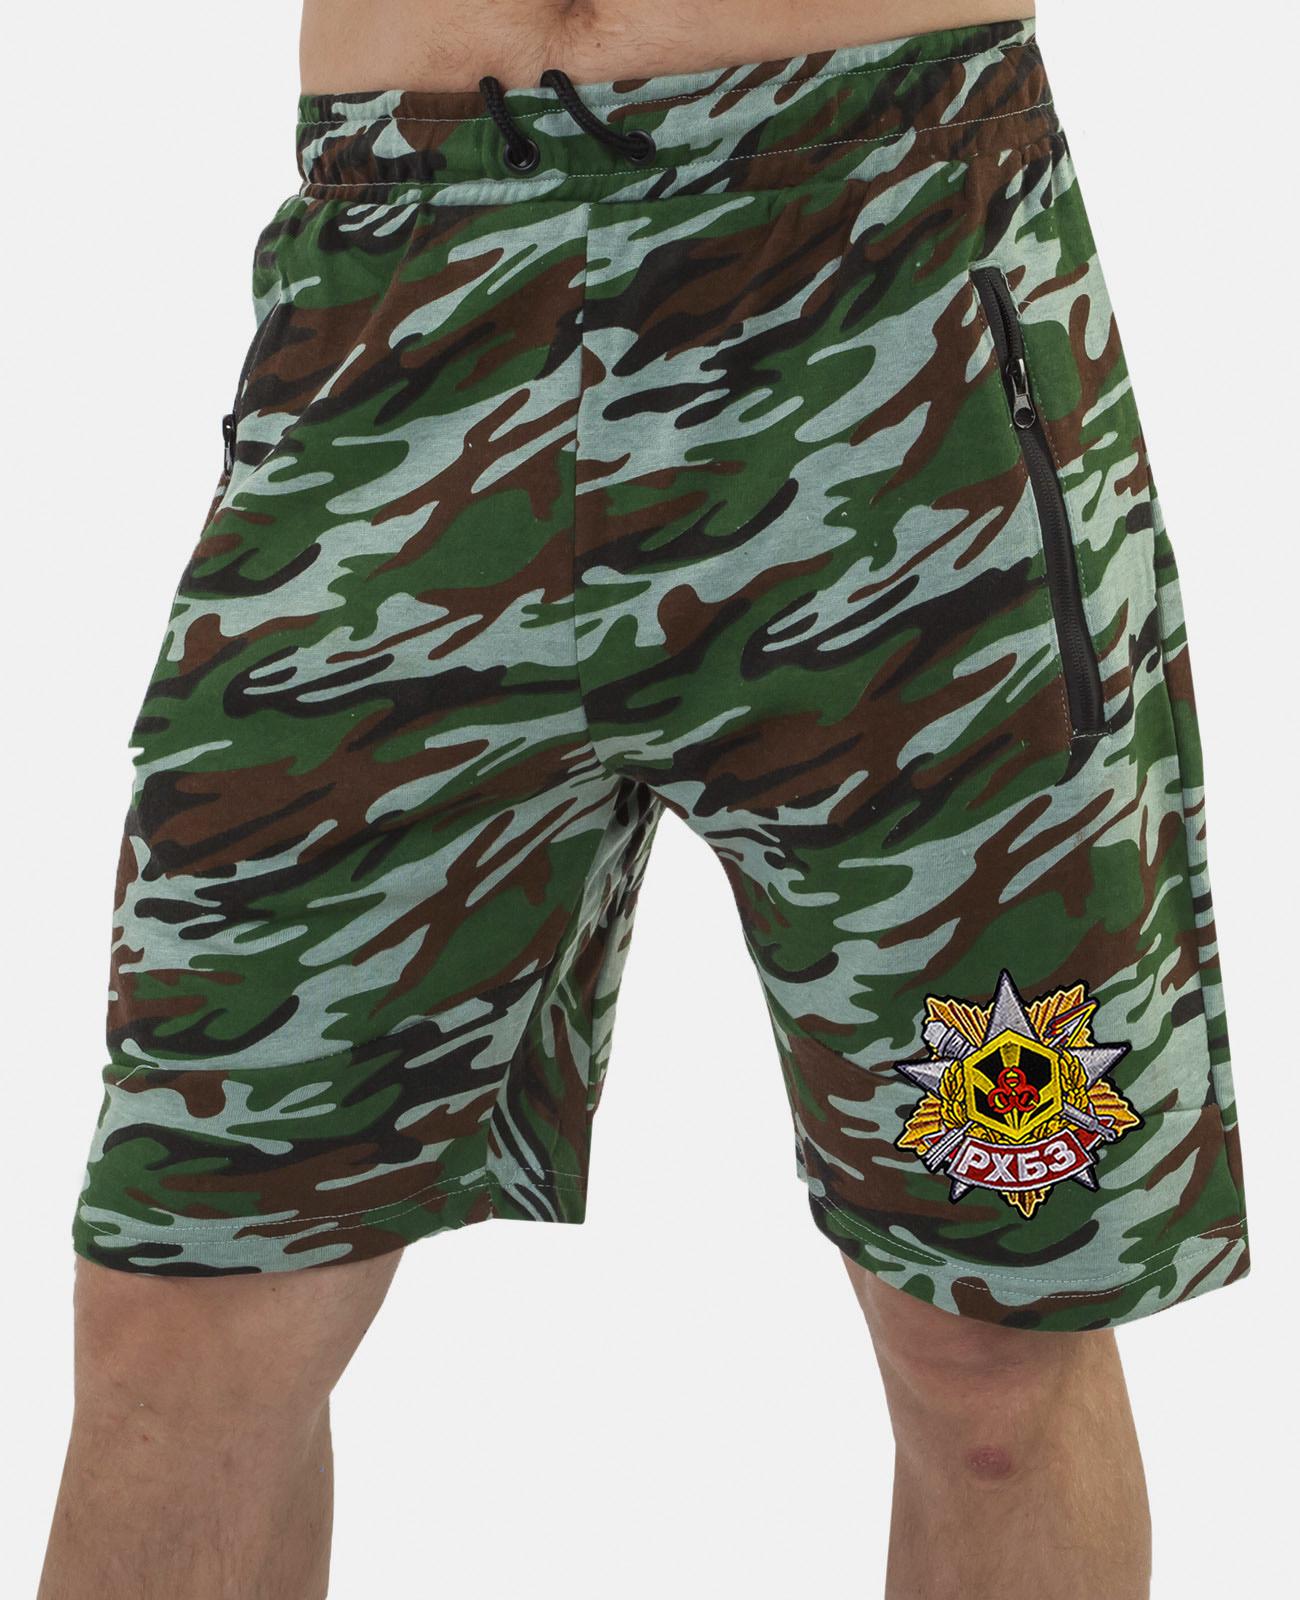 Купить удобные удлиненные шорты с карманами и нашивкой РХБЗ в подарок мужчине